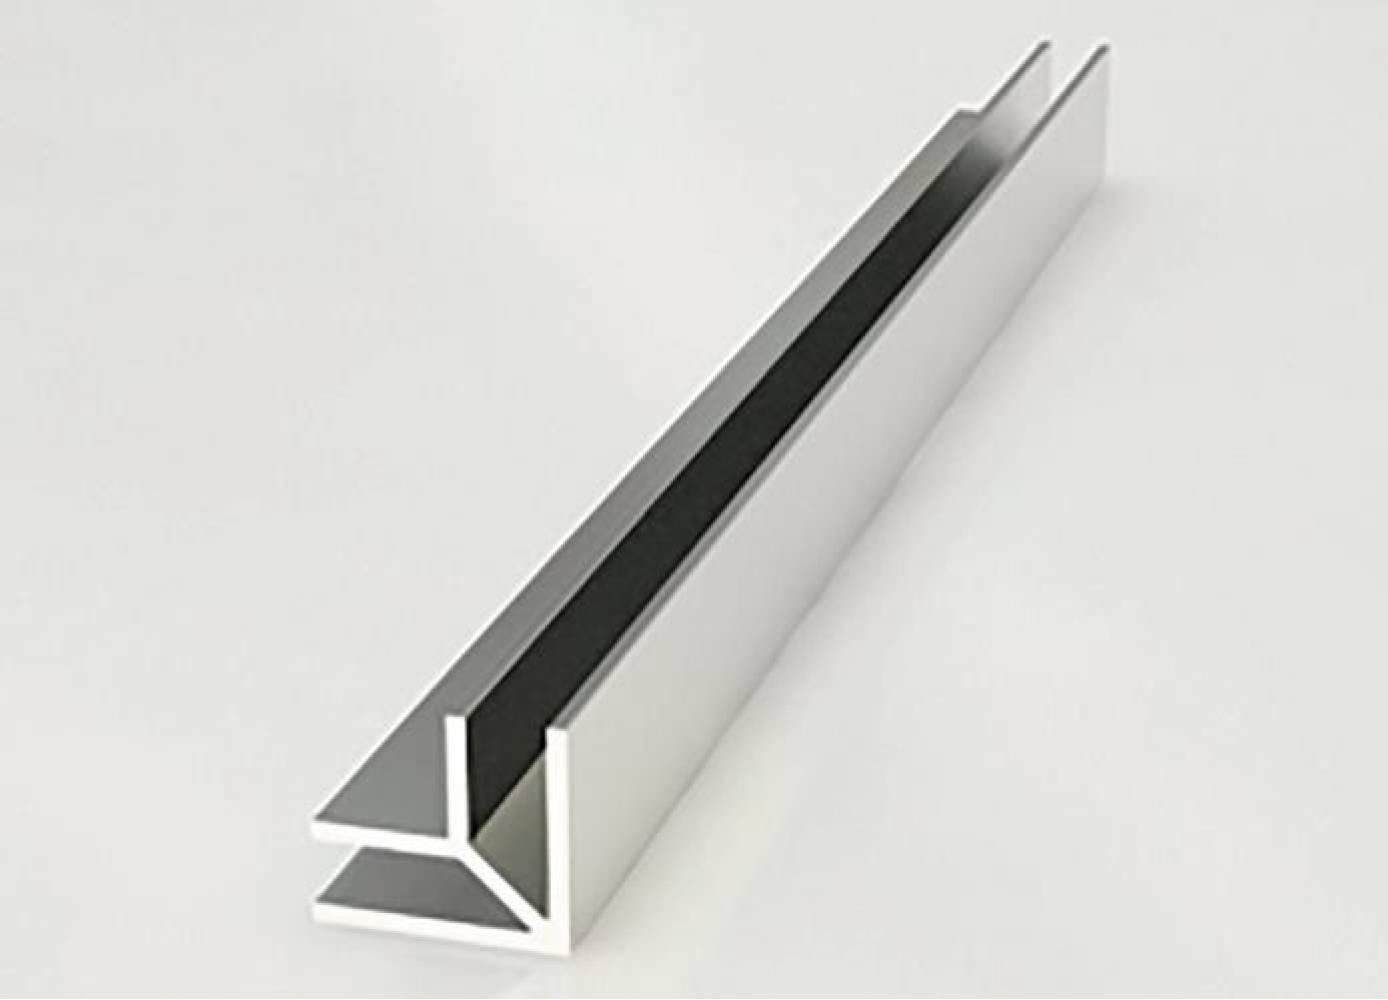 Планка угловая универсальная для стеновых панелей 6 мм ALDIO